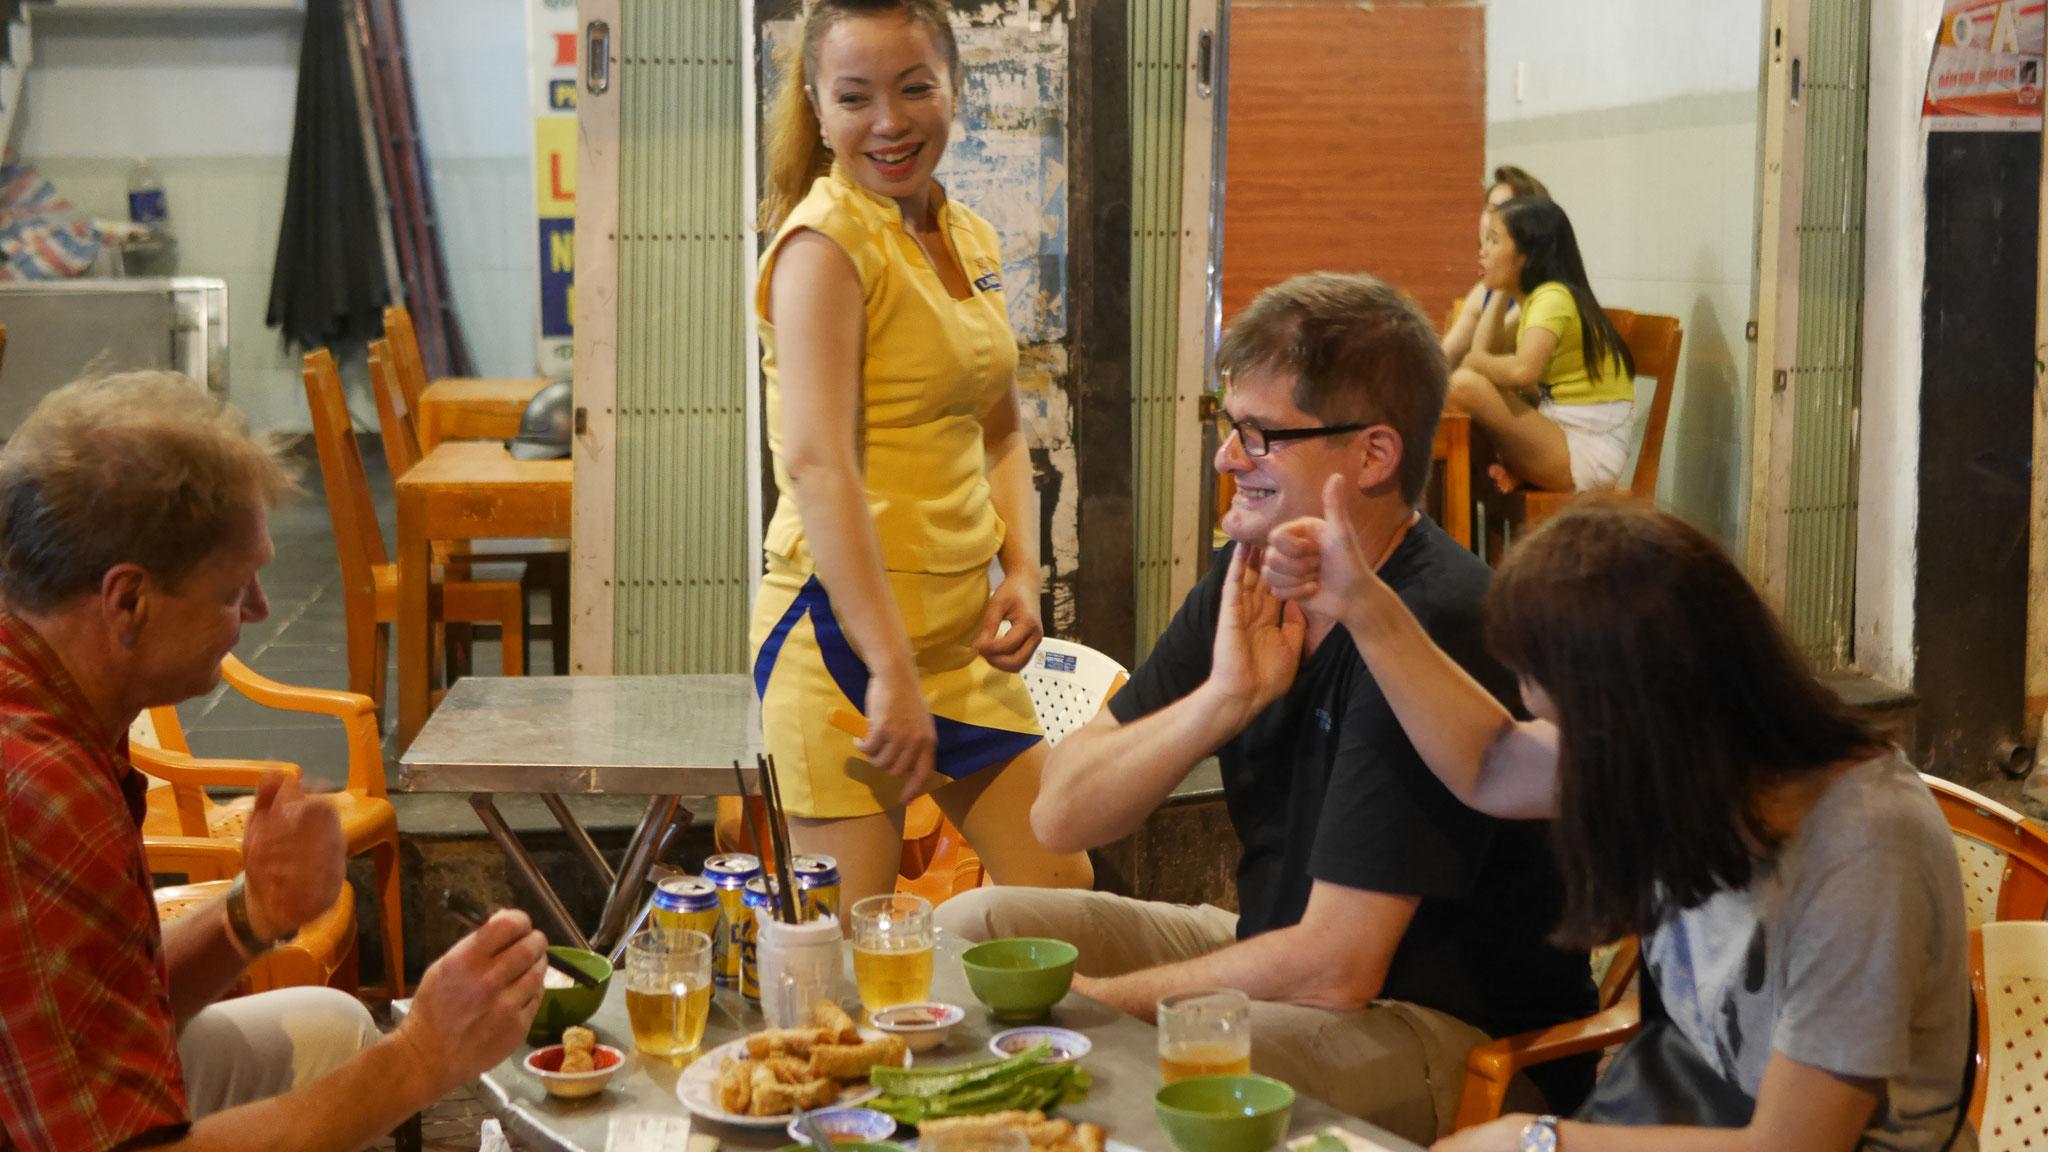 Qui Nhon - Streetfood (im wahrsten Sinne - Lecker!)